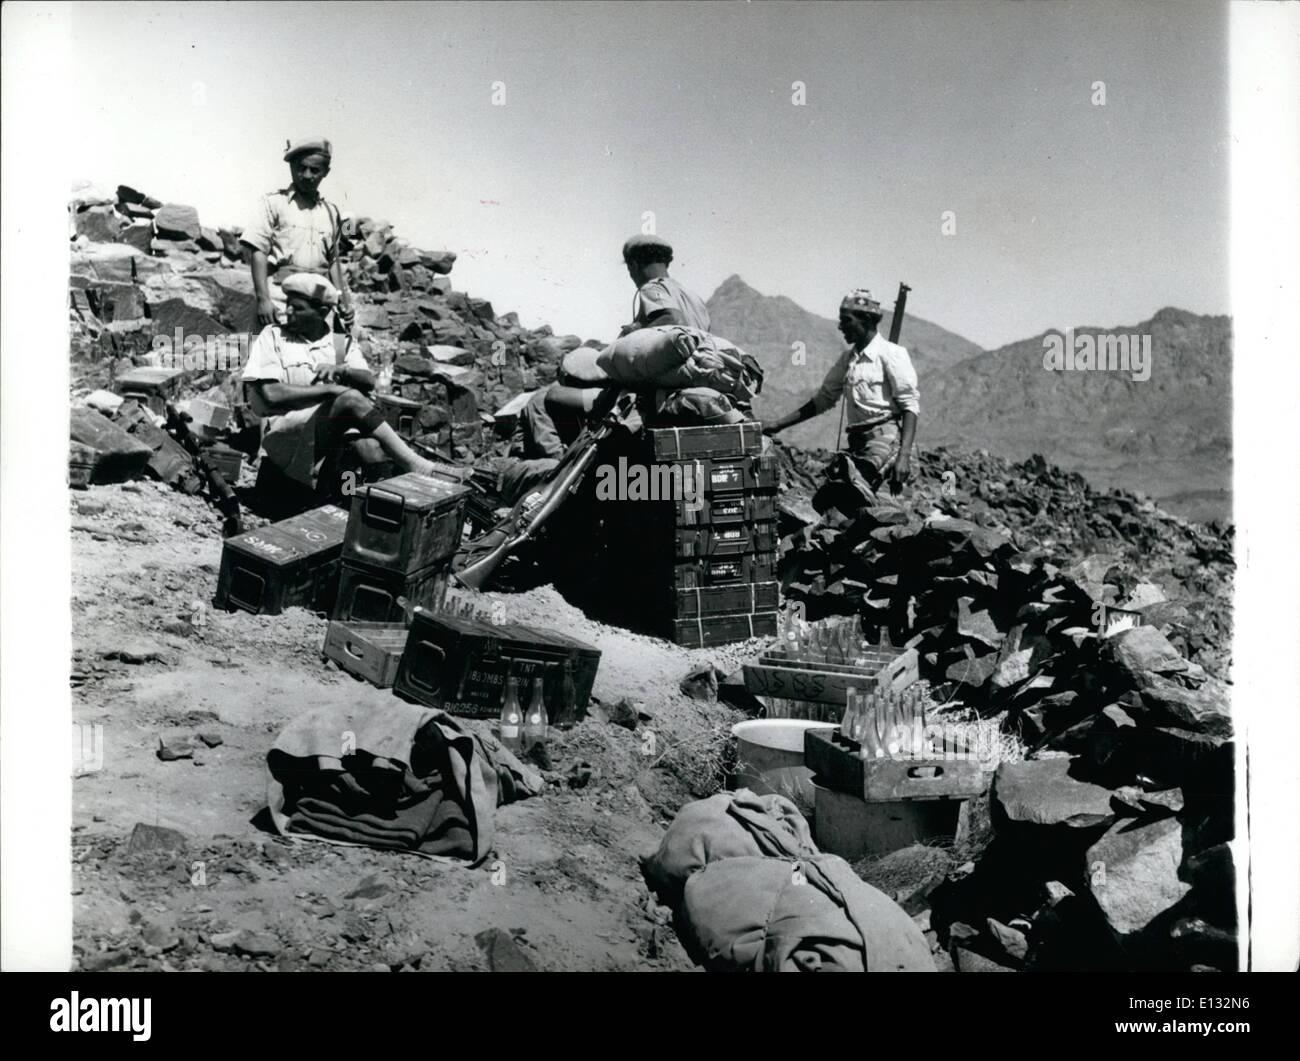 Le 26 février 2012 - Yemen-Aden frontière.: Dans la brillante lumière et chaleur intense Afen garde du gouvernement reste sur leurs caisses de munitions. Notez également les caisses de boissons non alcoolisées. Photo Stock